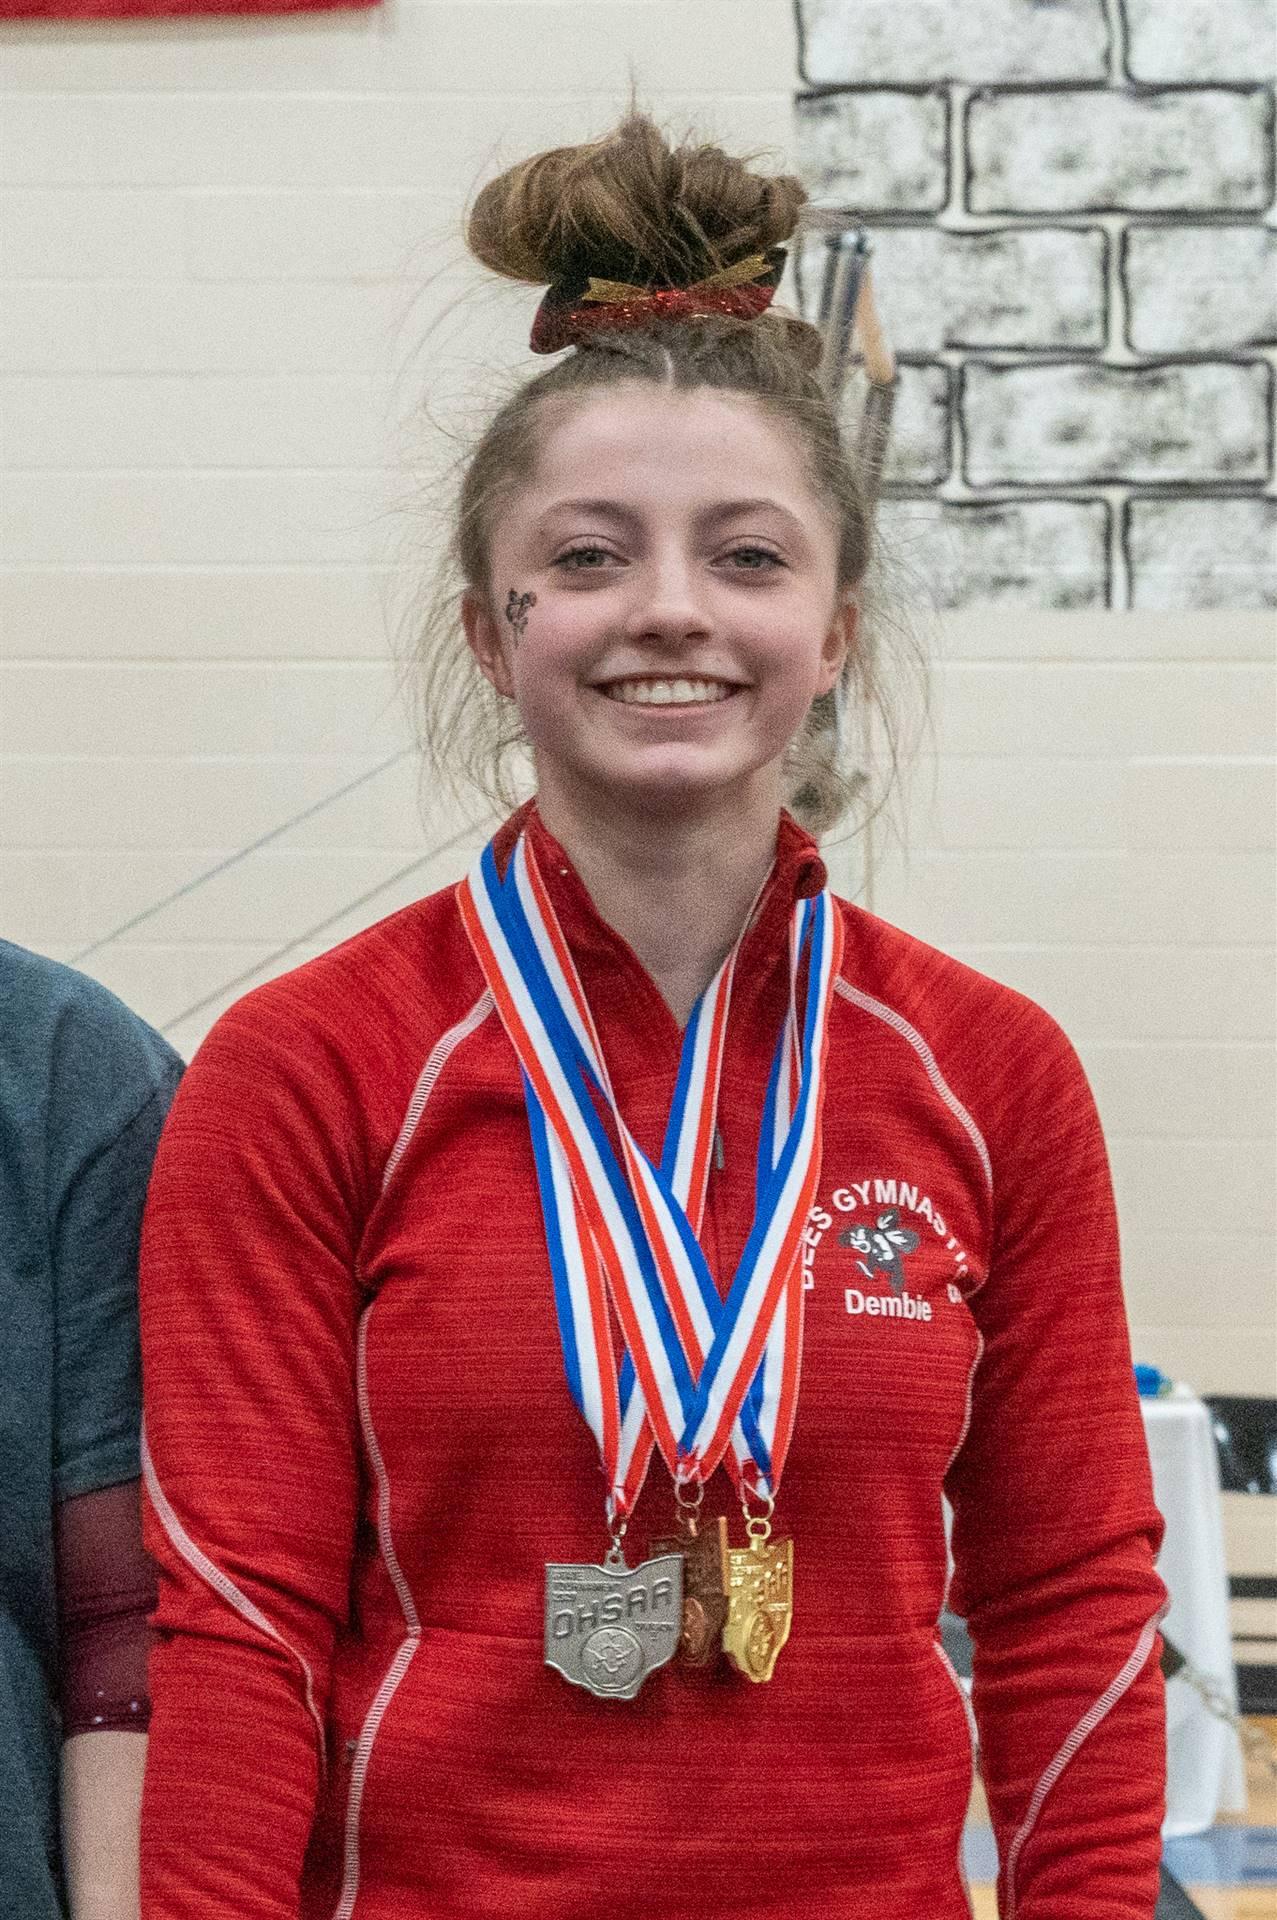 State Champion Katie Dembie gymnastics